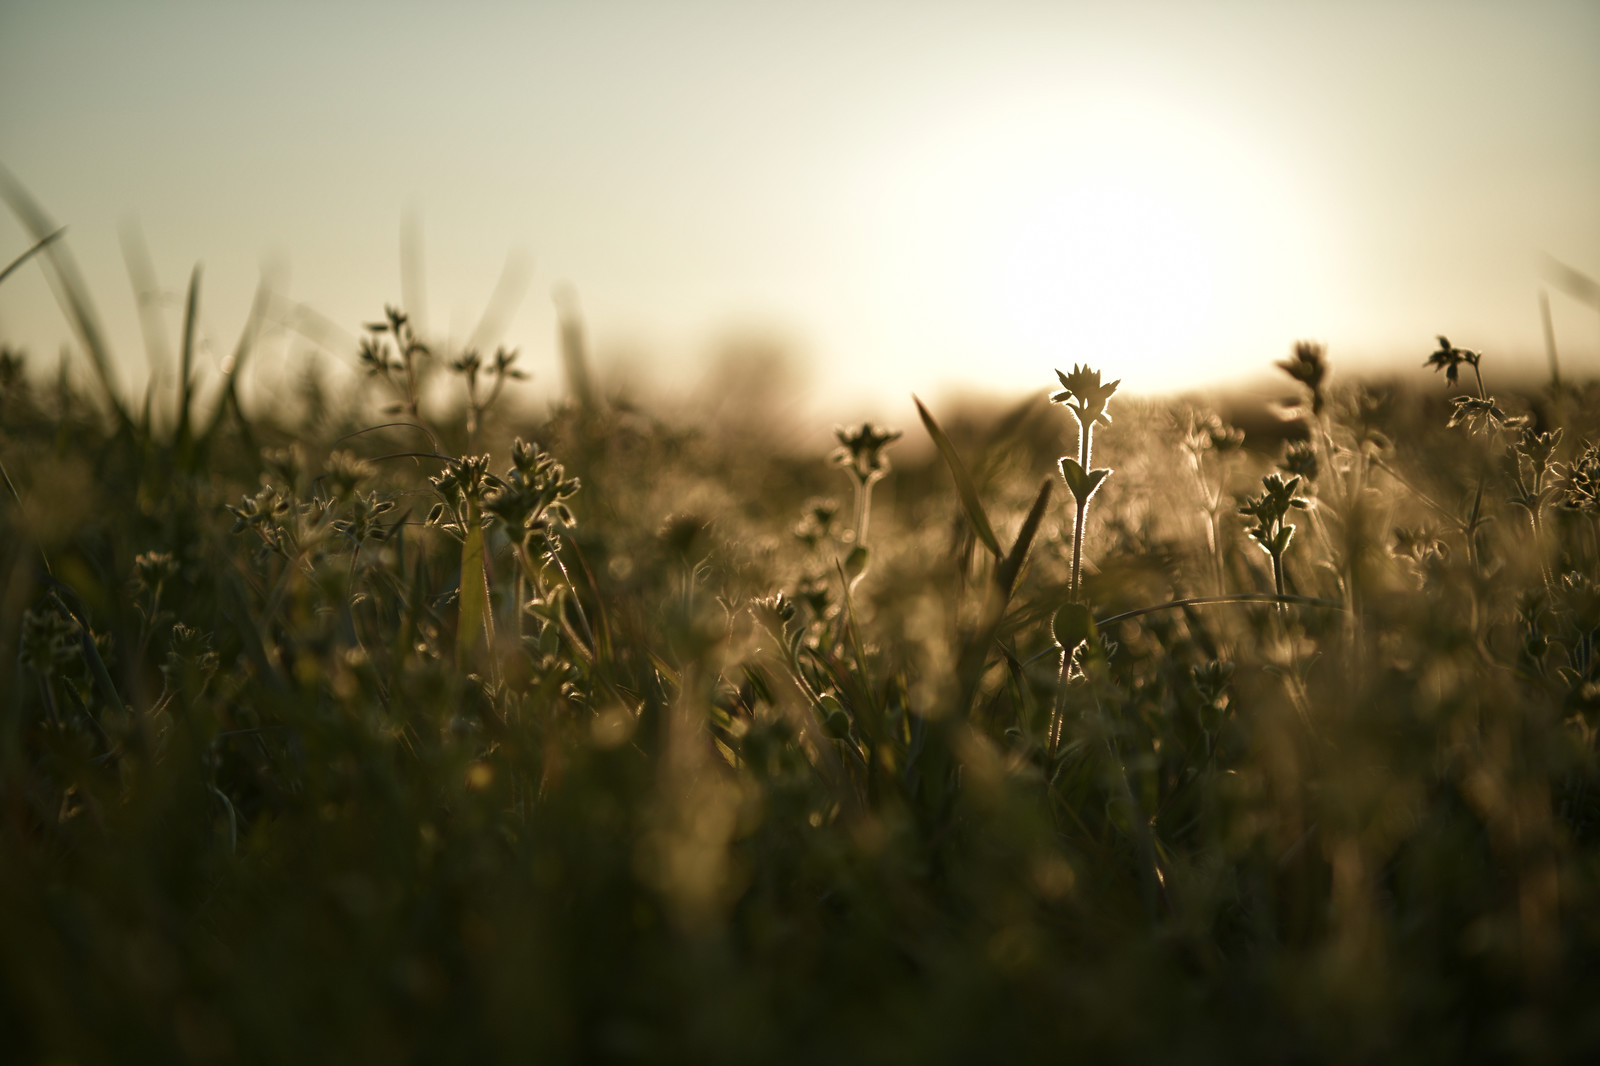 「夕日に彩られるドラマチックな雑草」の写真